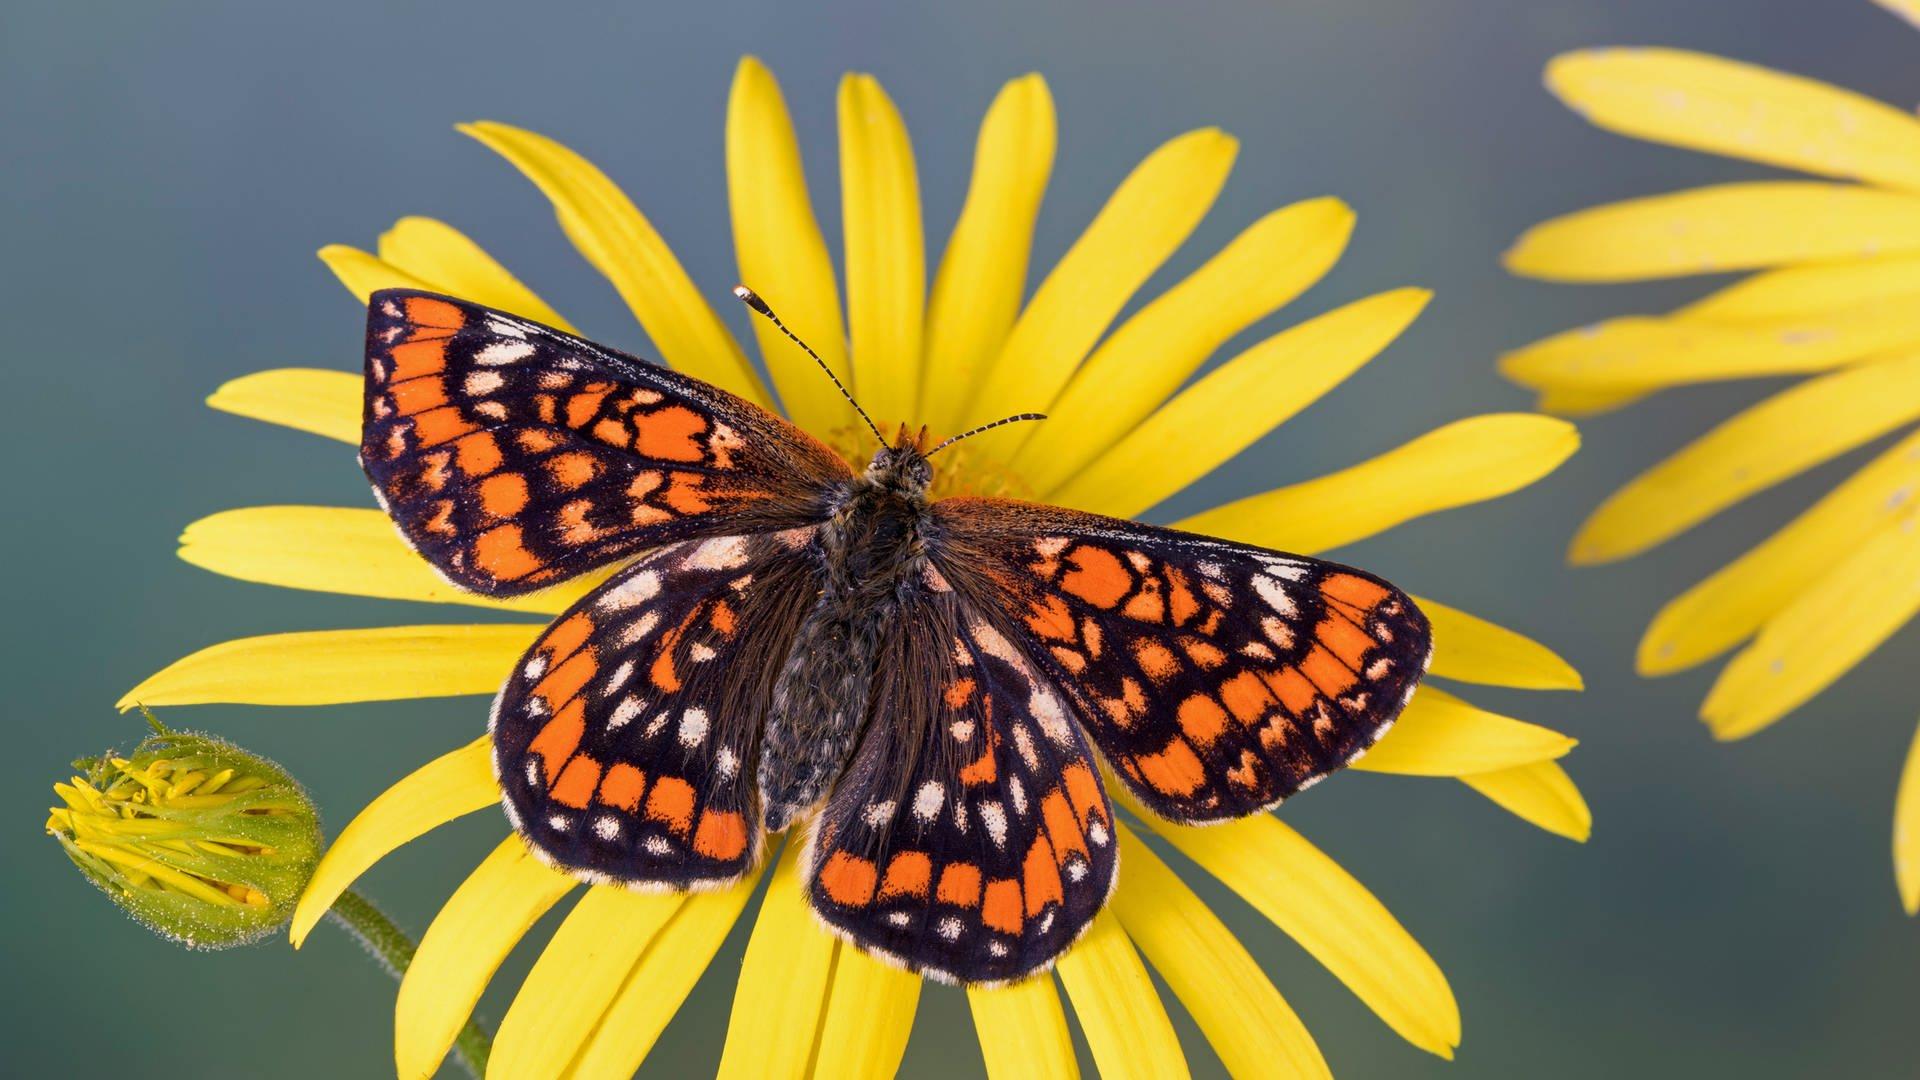 Insektensterben Zu Viel Dünger Schadet Schmetterlingen über Schmetterlinge Insekten